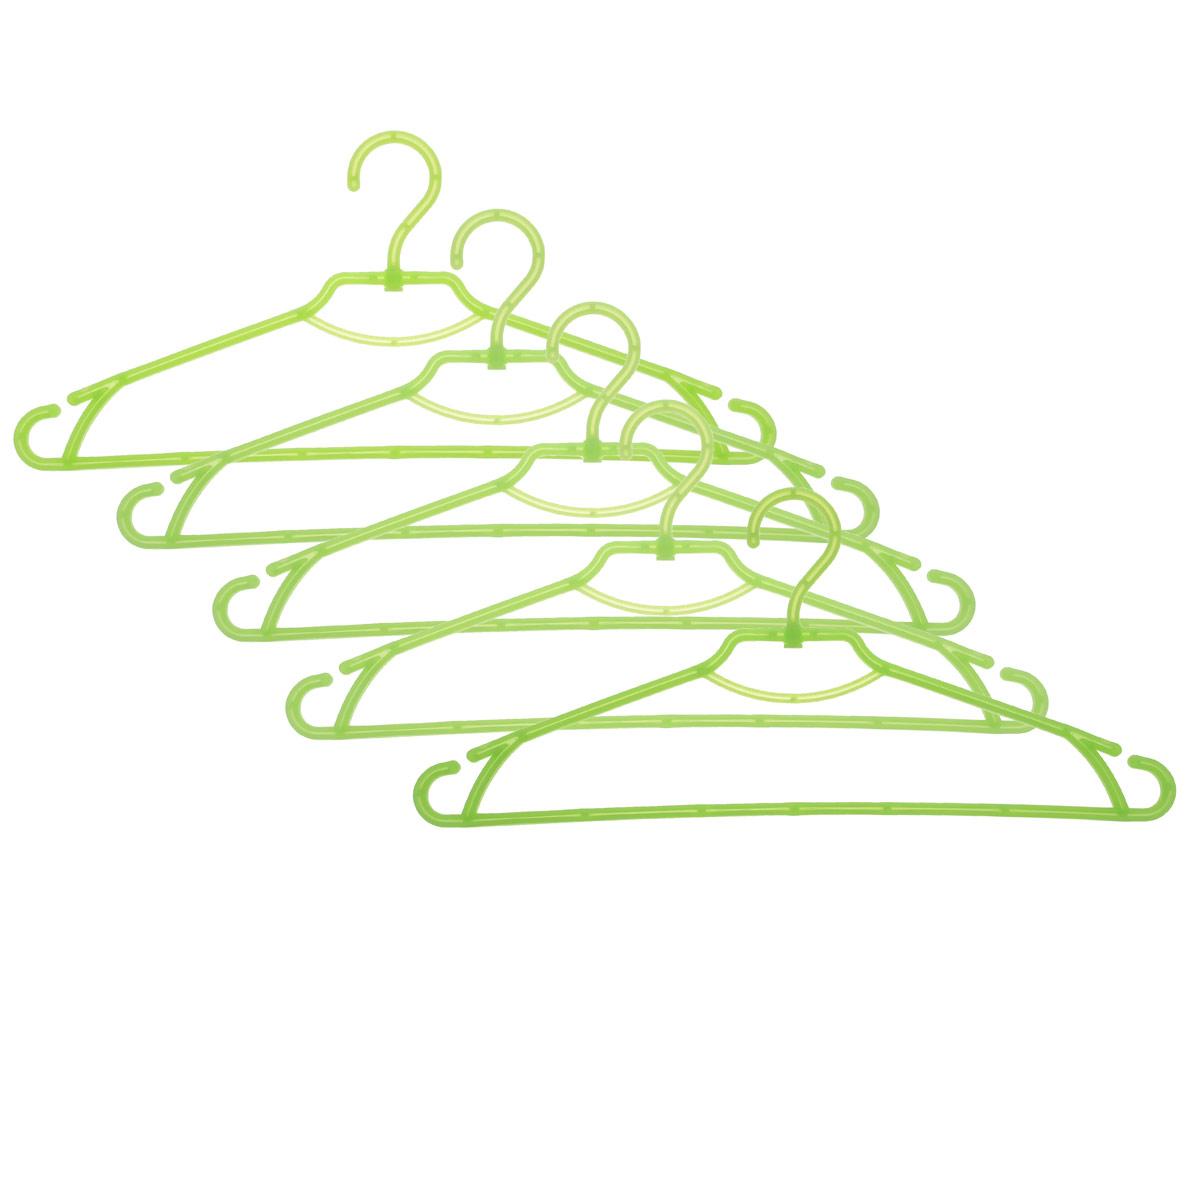 Набор вешалок Алеана, с перекладиной, с крючками, цвет: зеленый, 5 шт121073Набор вешалок Алеана выполнен из полипропилена. Изделия оснащены перекладинами и крючками. Вешалка - это незаменимая вещь для того, чтобы ваша одежда всегда оставалась в хорошем состоянии.Комплектация: 5 шт.